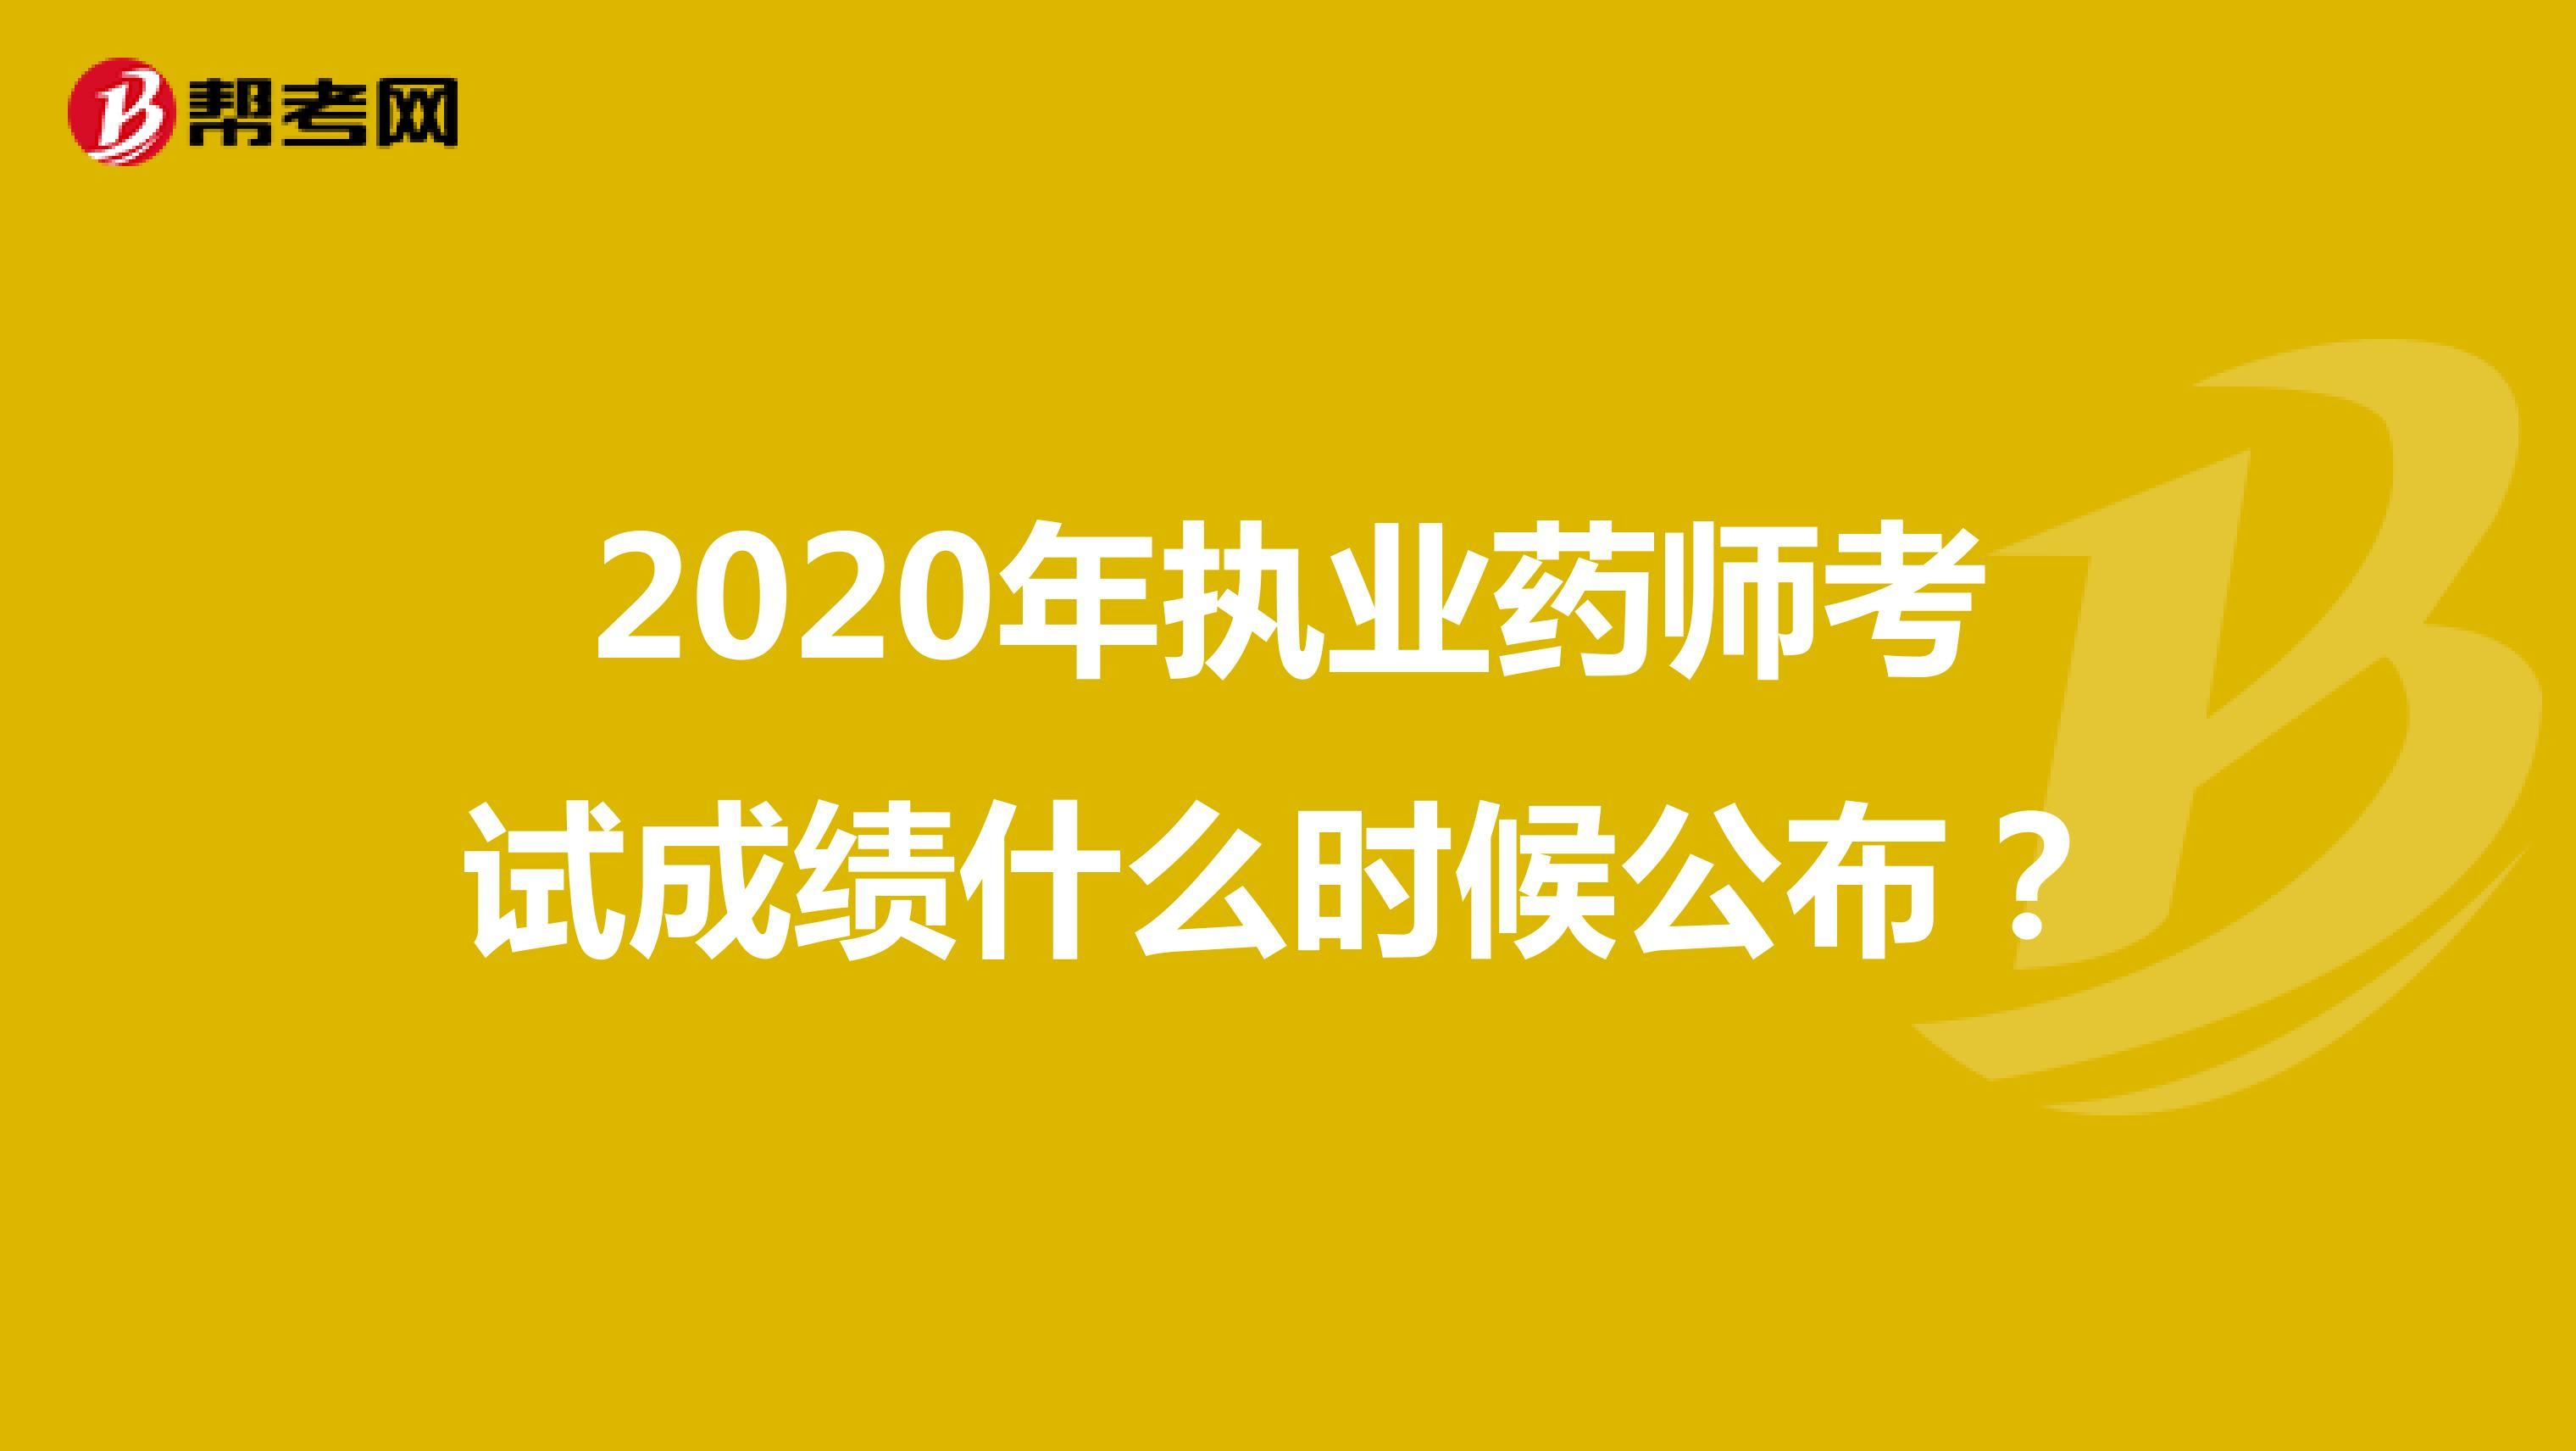 2020年执业药师Beplay官方成绩什么时候公布?